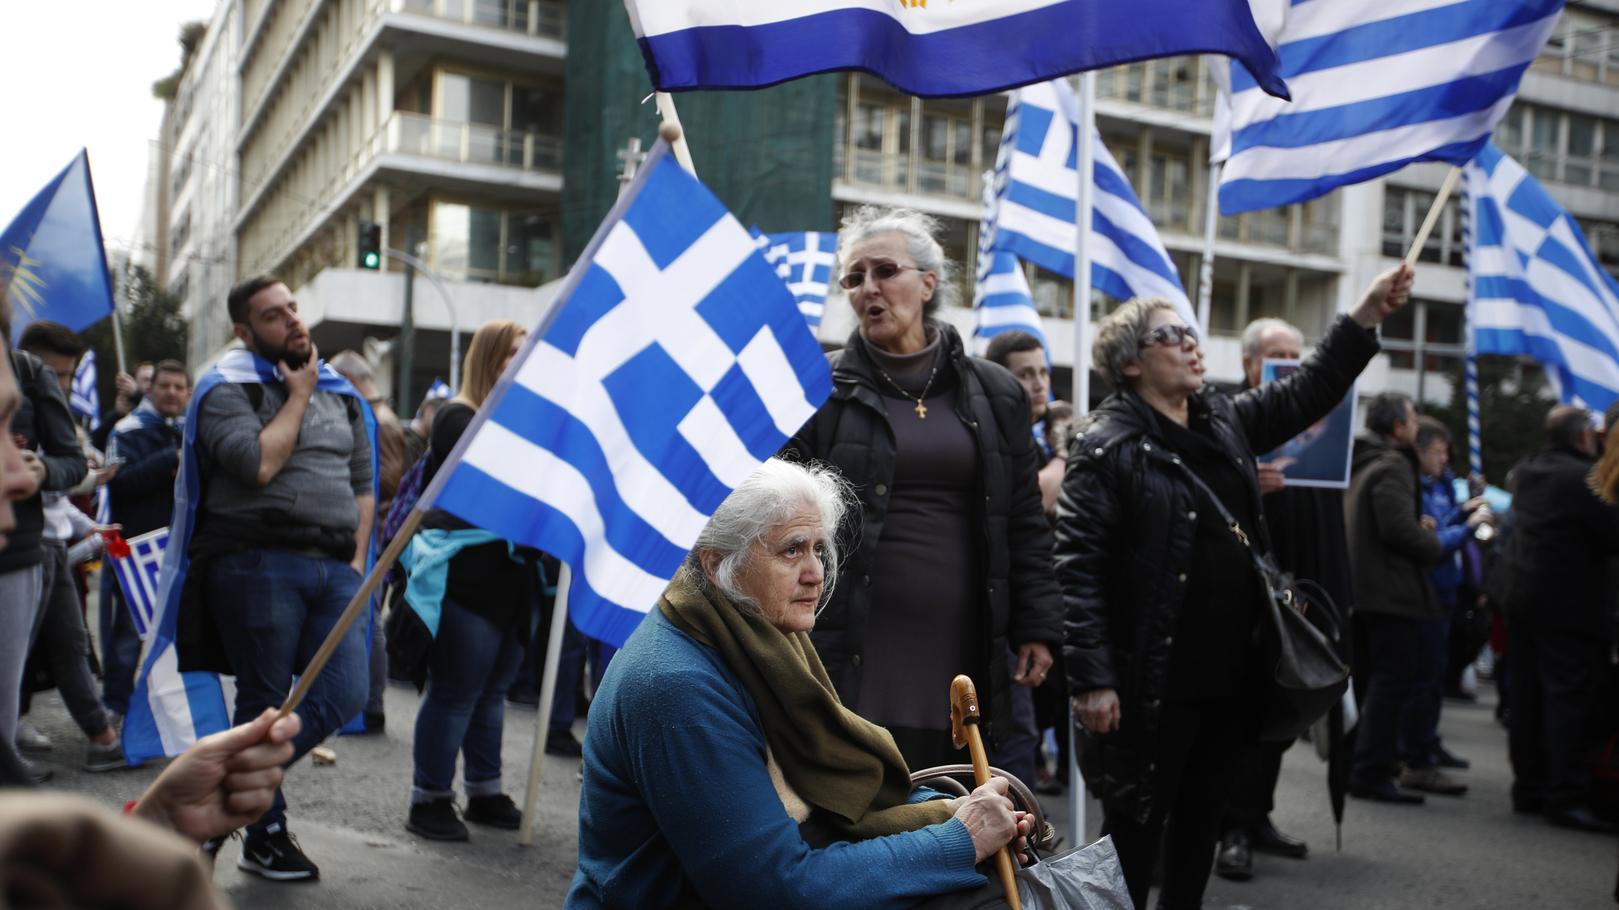 Demonstration gegen den Vertrag zur Namensänderung von Mazedonien in Nord-Mazedonien